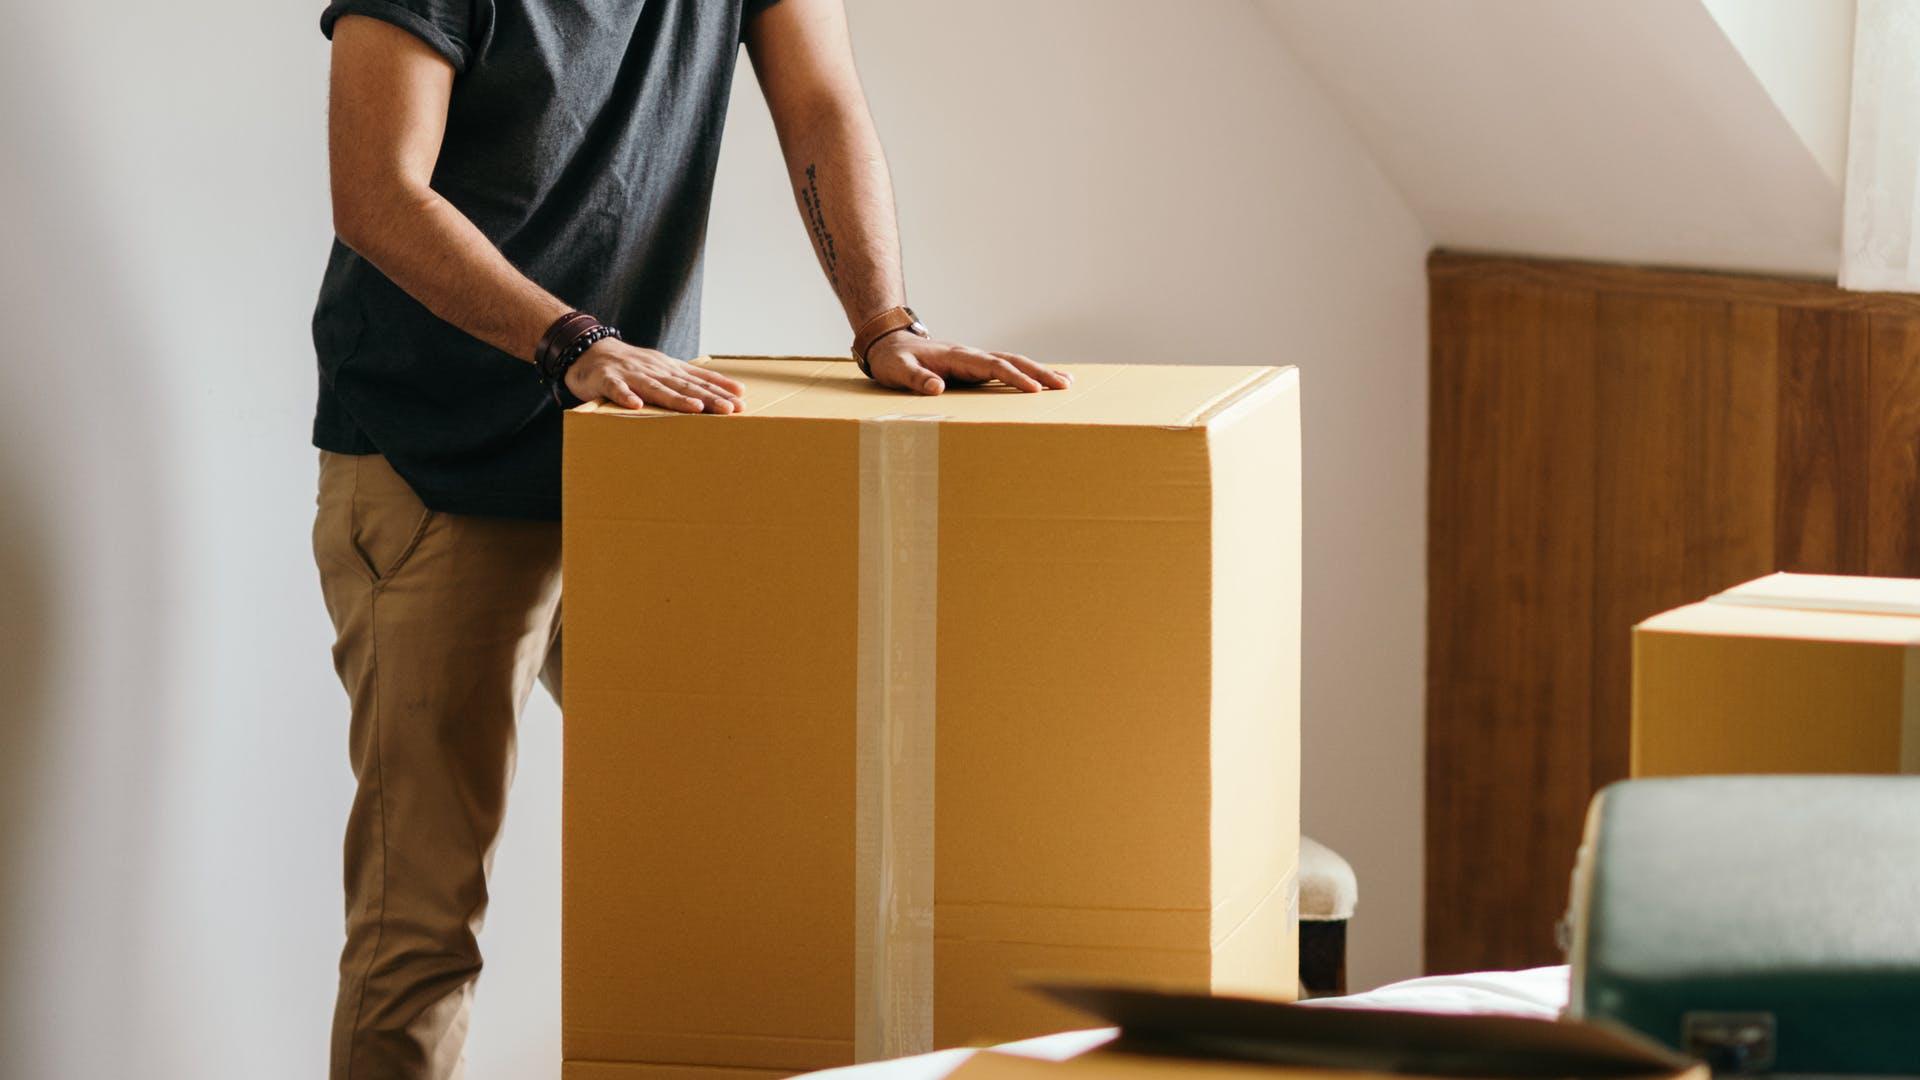 Covid-19 : nos conseils pour déménager en toute sécurité